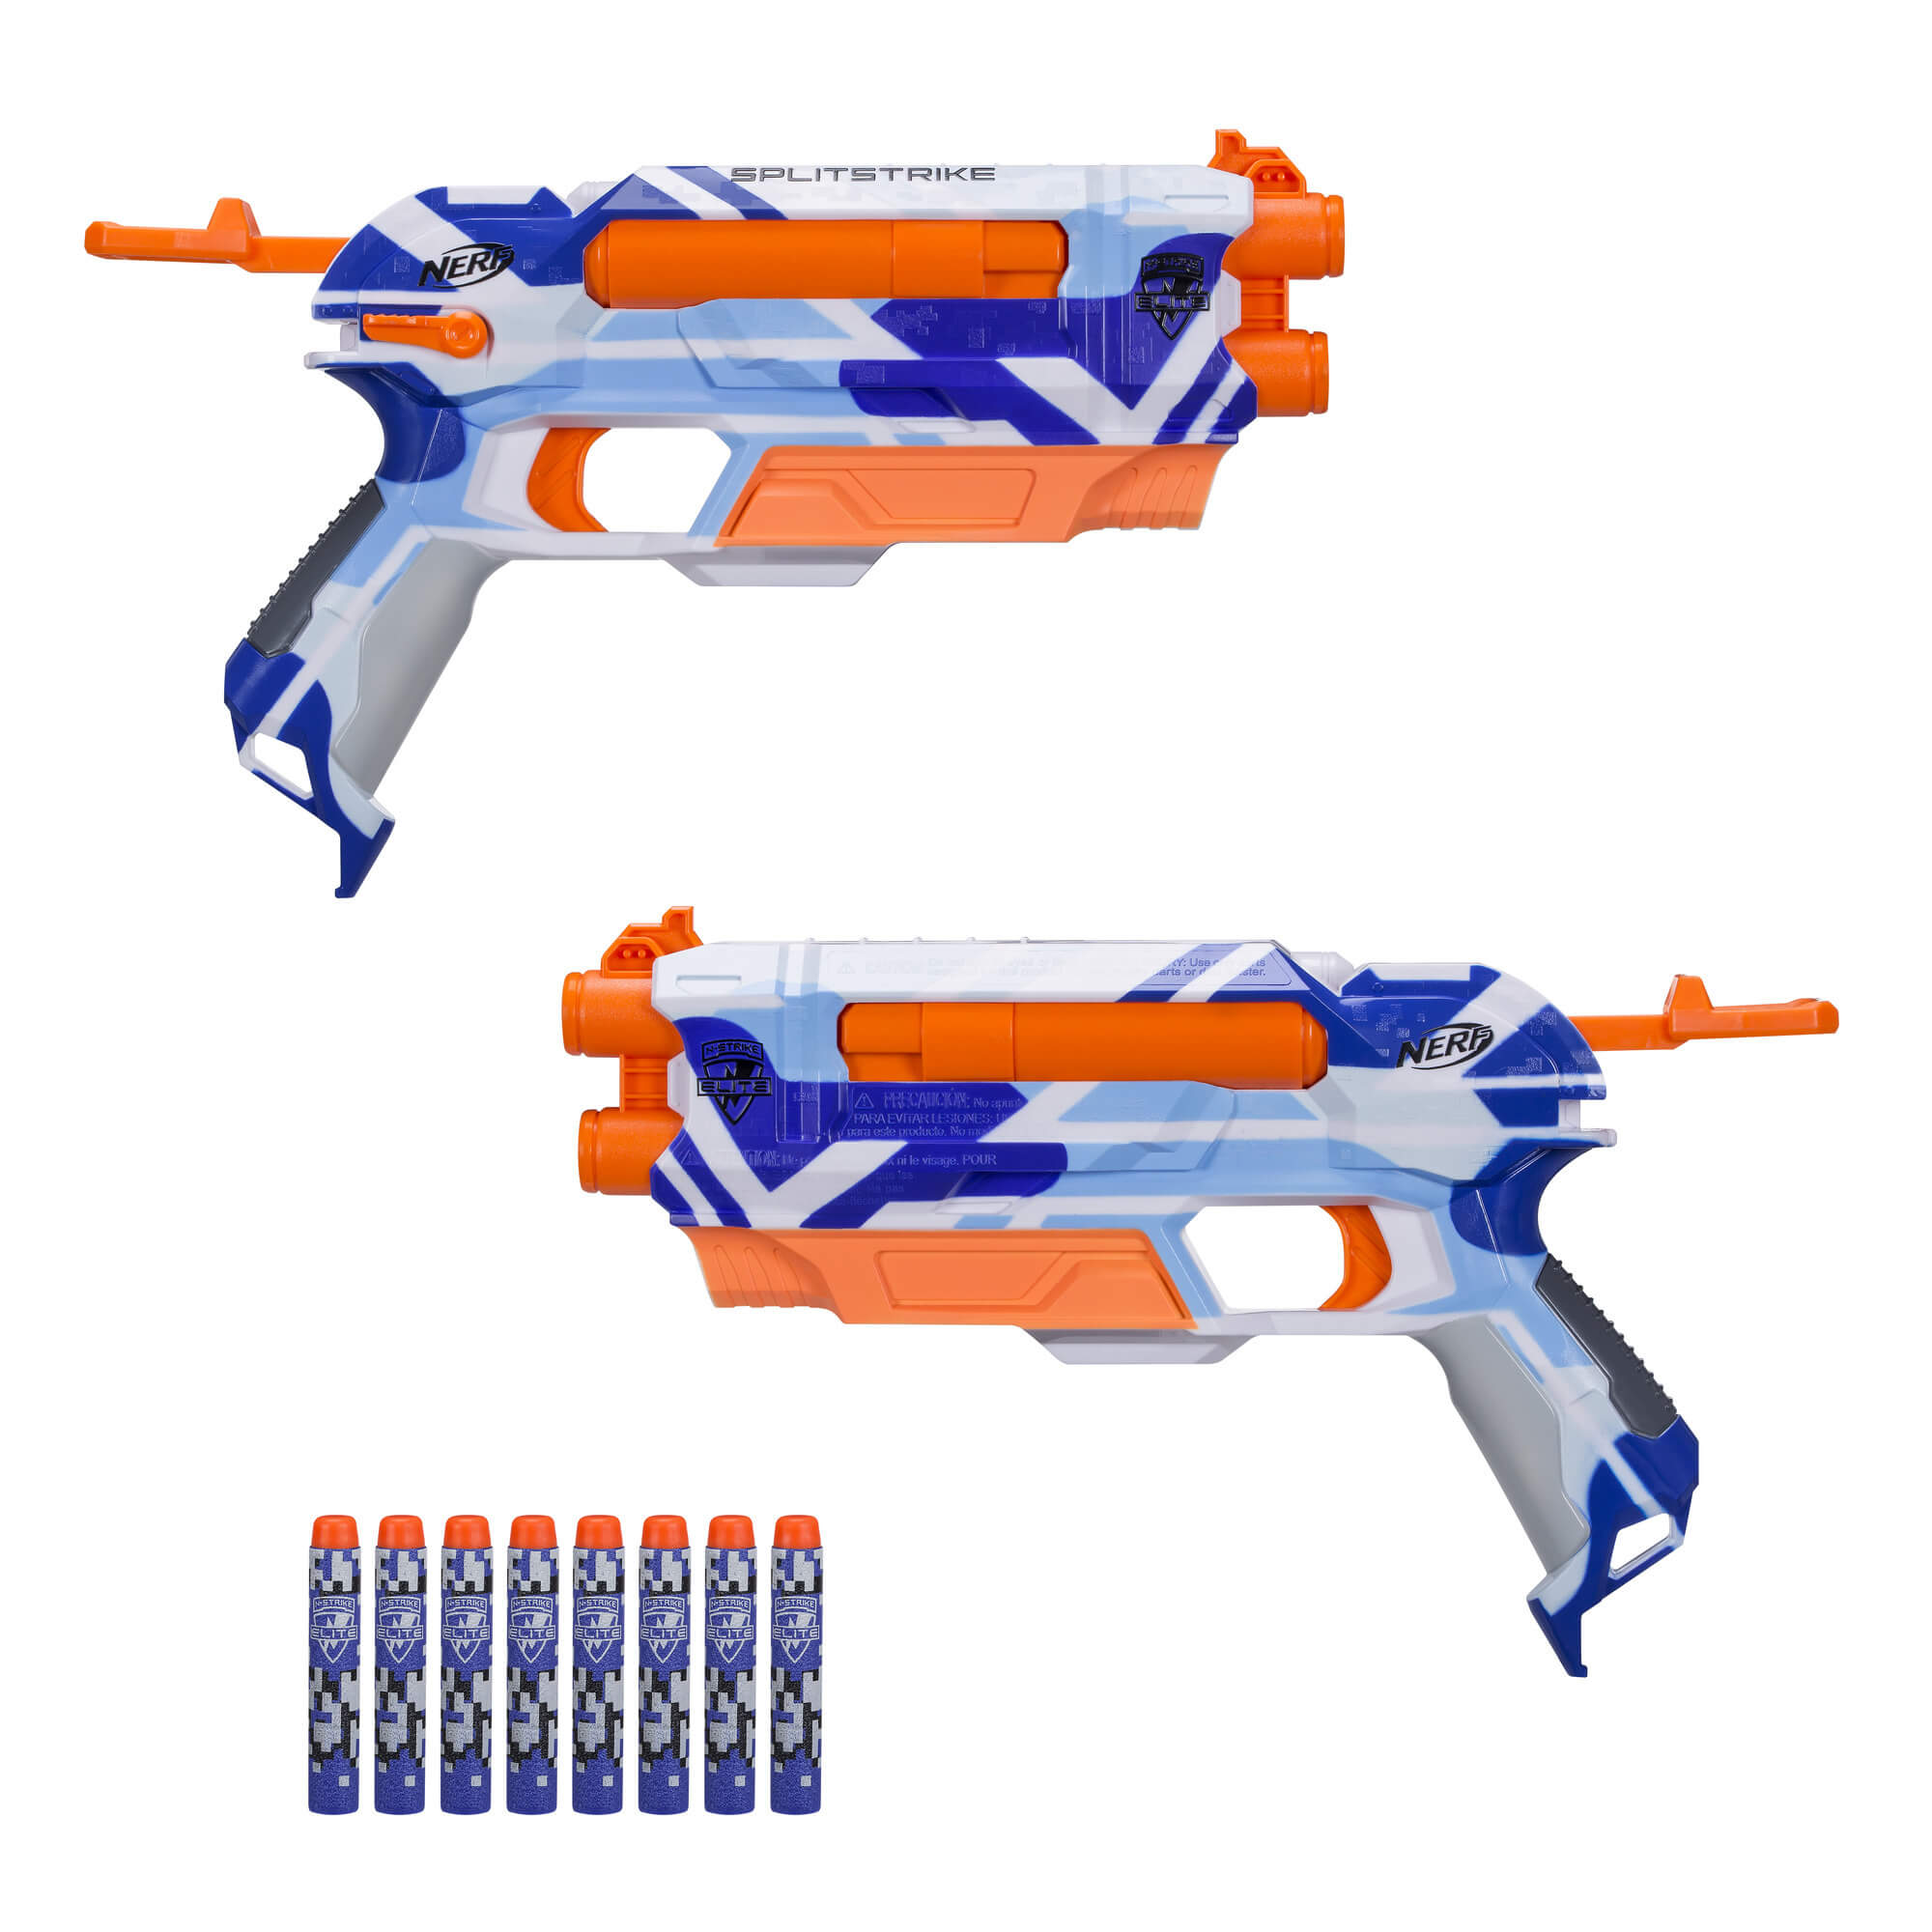 Mua đồ chơi súng NERF C3135 - (Mã: C3135) 2 Súng NERF SplitStrike (dòng N-Strike Elite)